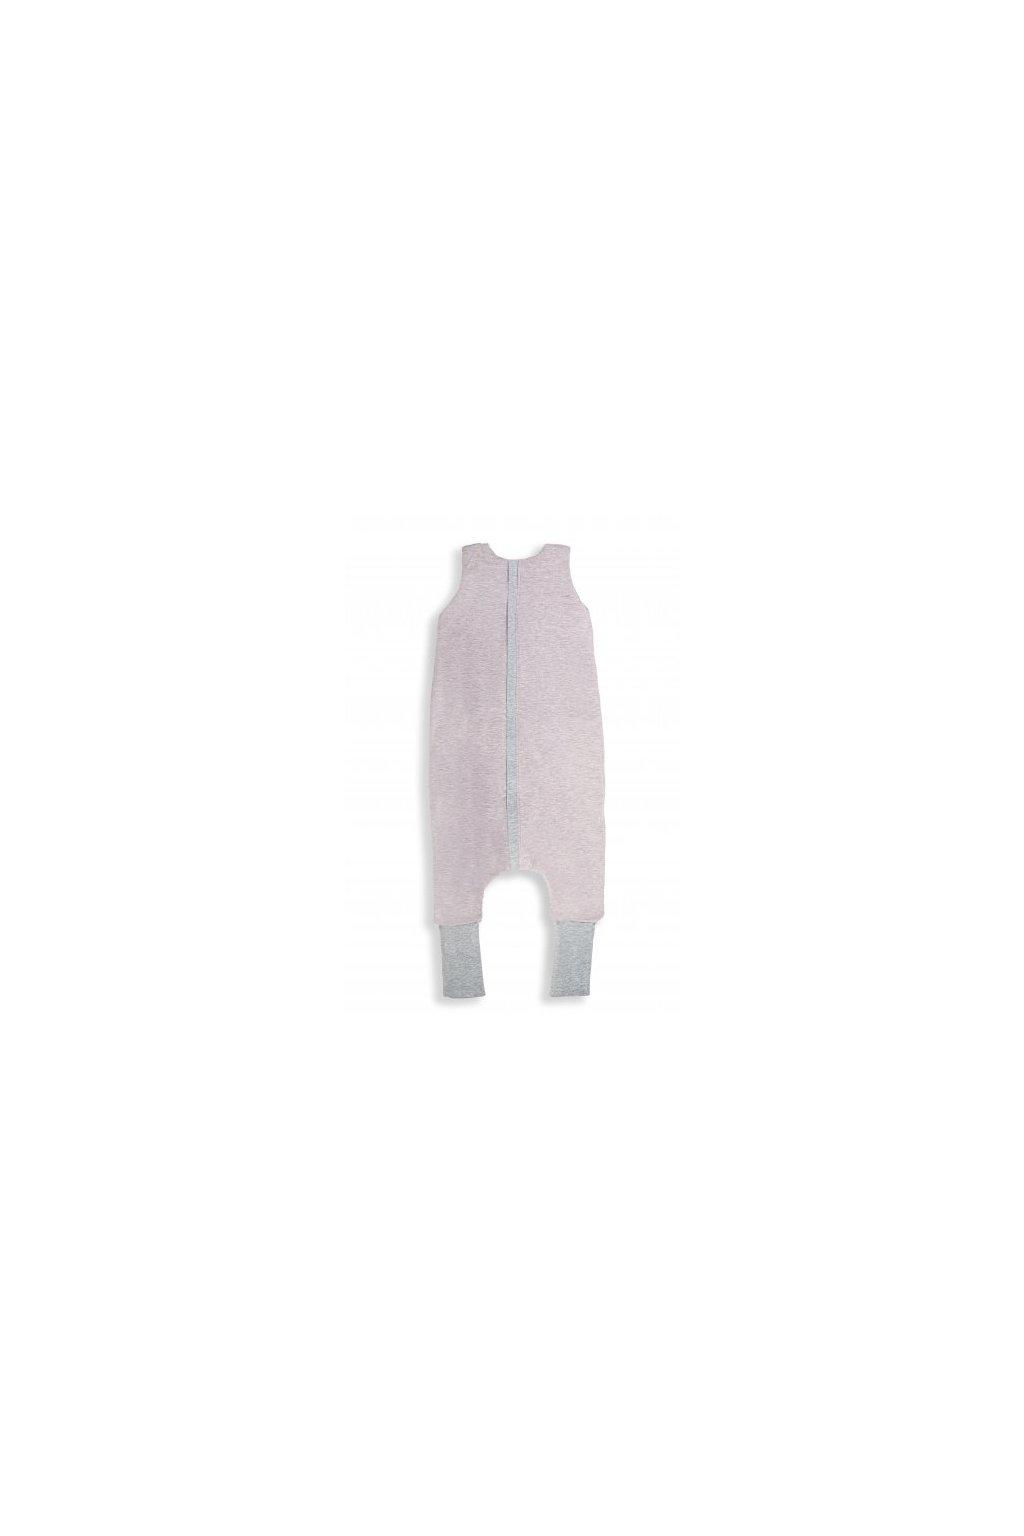 Oboustranný spací pytel s nohavicemi Sleepee Melange Pink